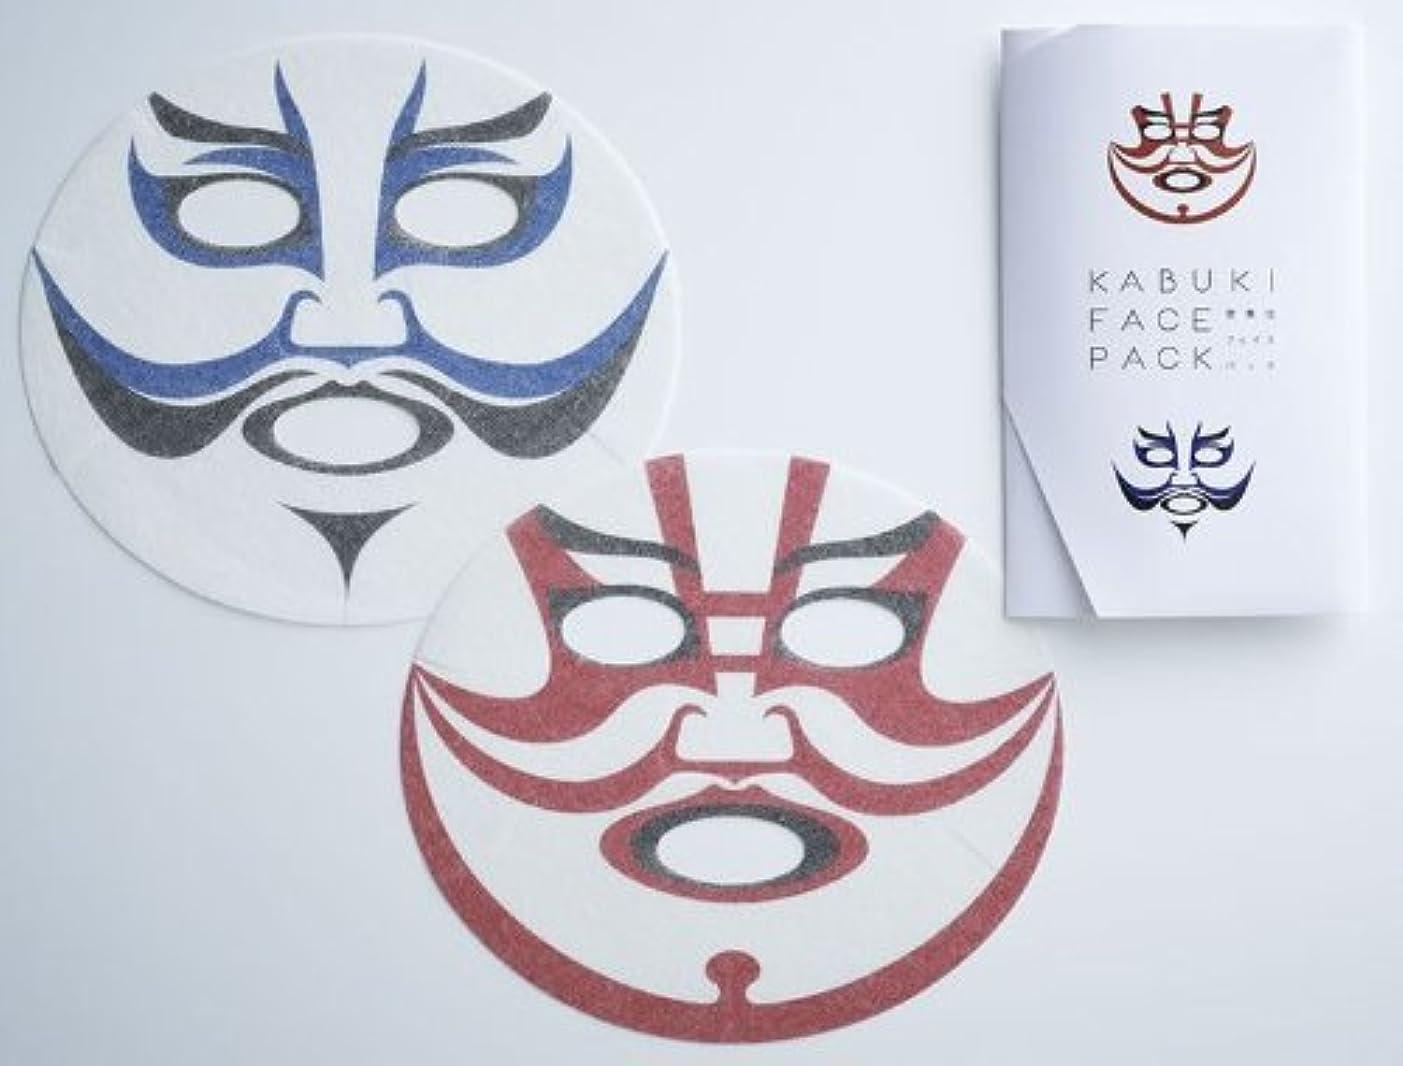 いつでもワゴンの配列歌舞伎フェイスパック KABUKI FACE PACK